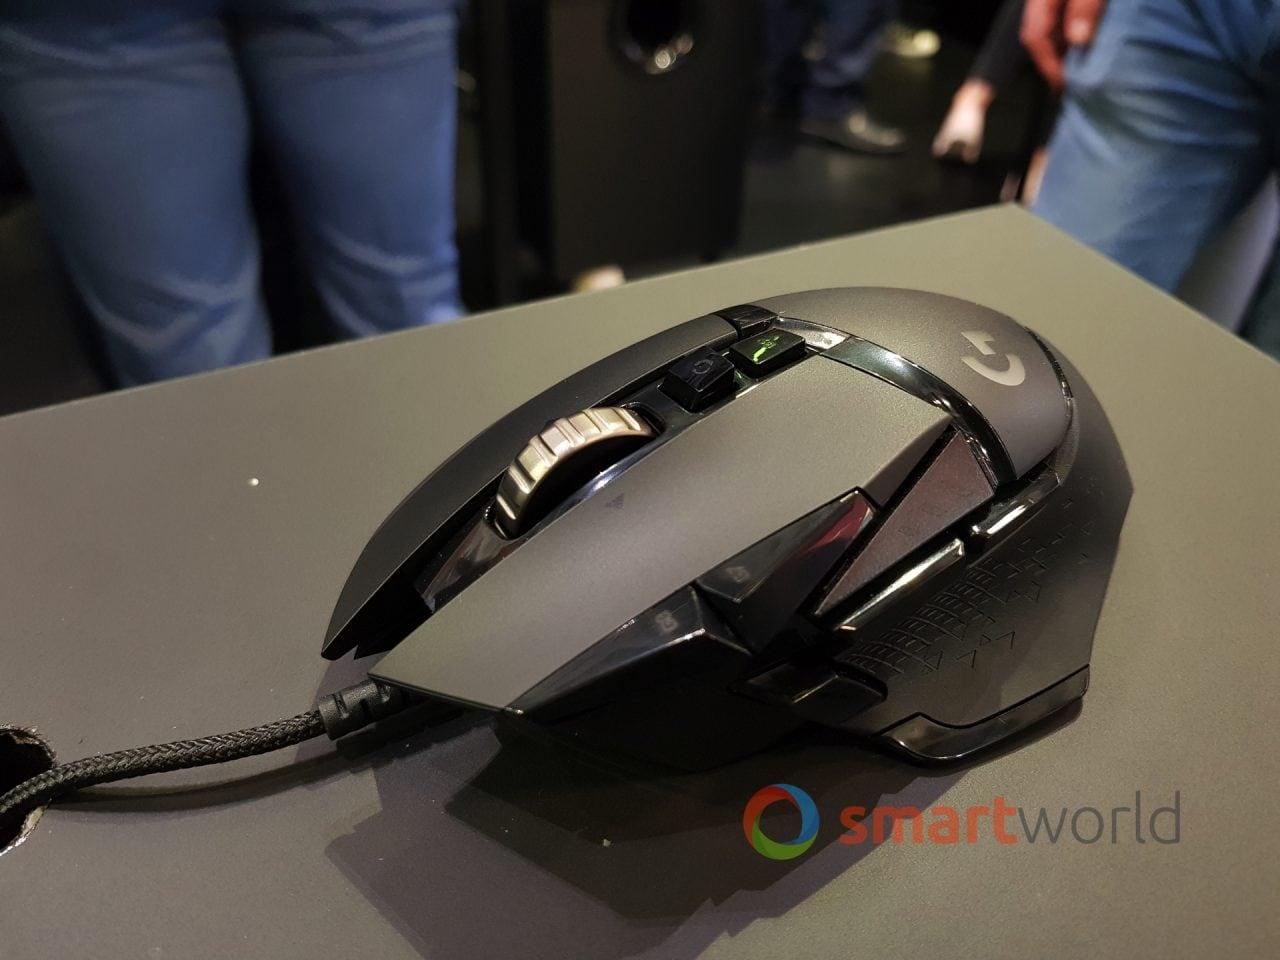 Il già ottimo Logitech G502 si aggiorna con HERO 16K, per